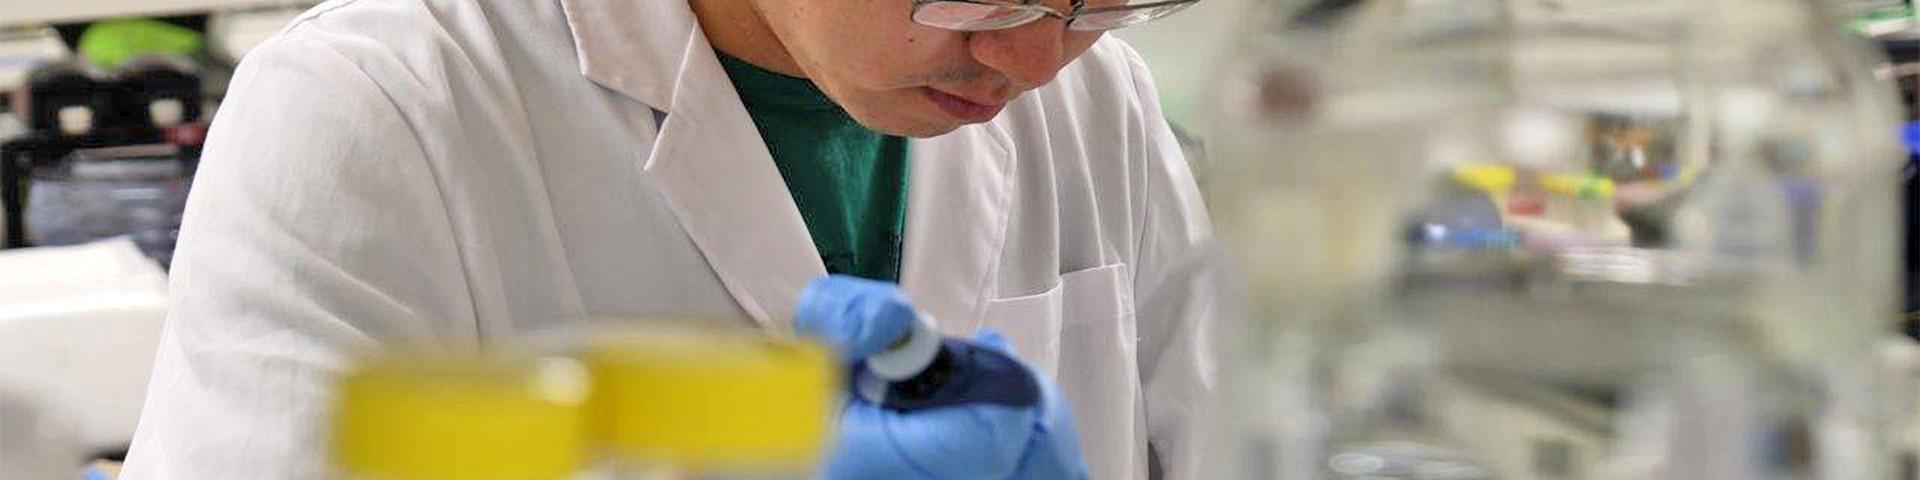 ADNc pour séquençage de prochaine génération